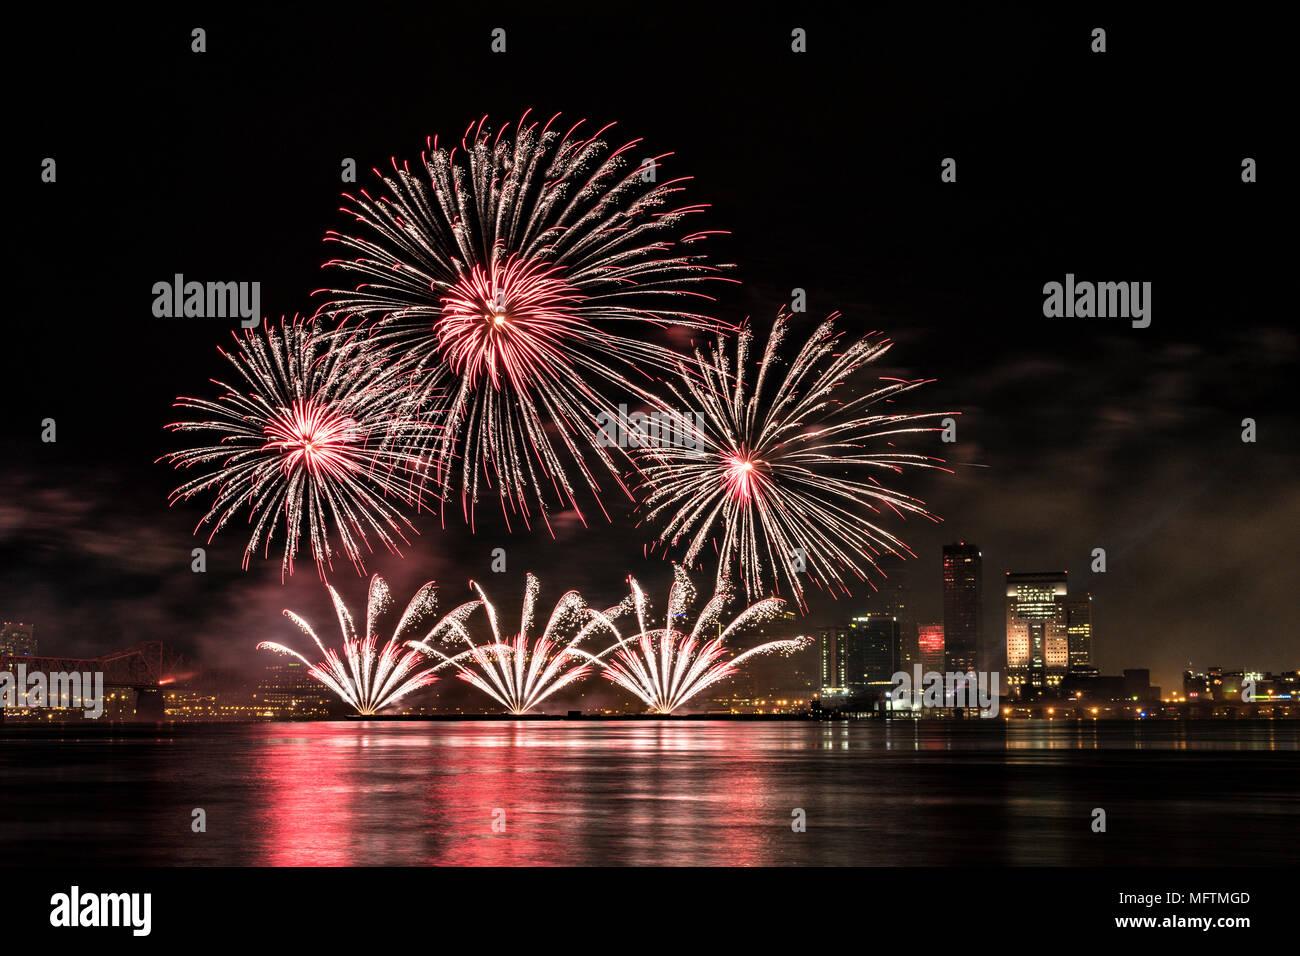 2018 Thunder Over Louisville Fireworks Display in Louisville Kentucky Stock Photo